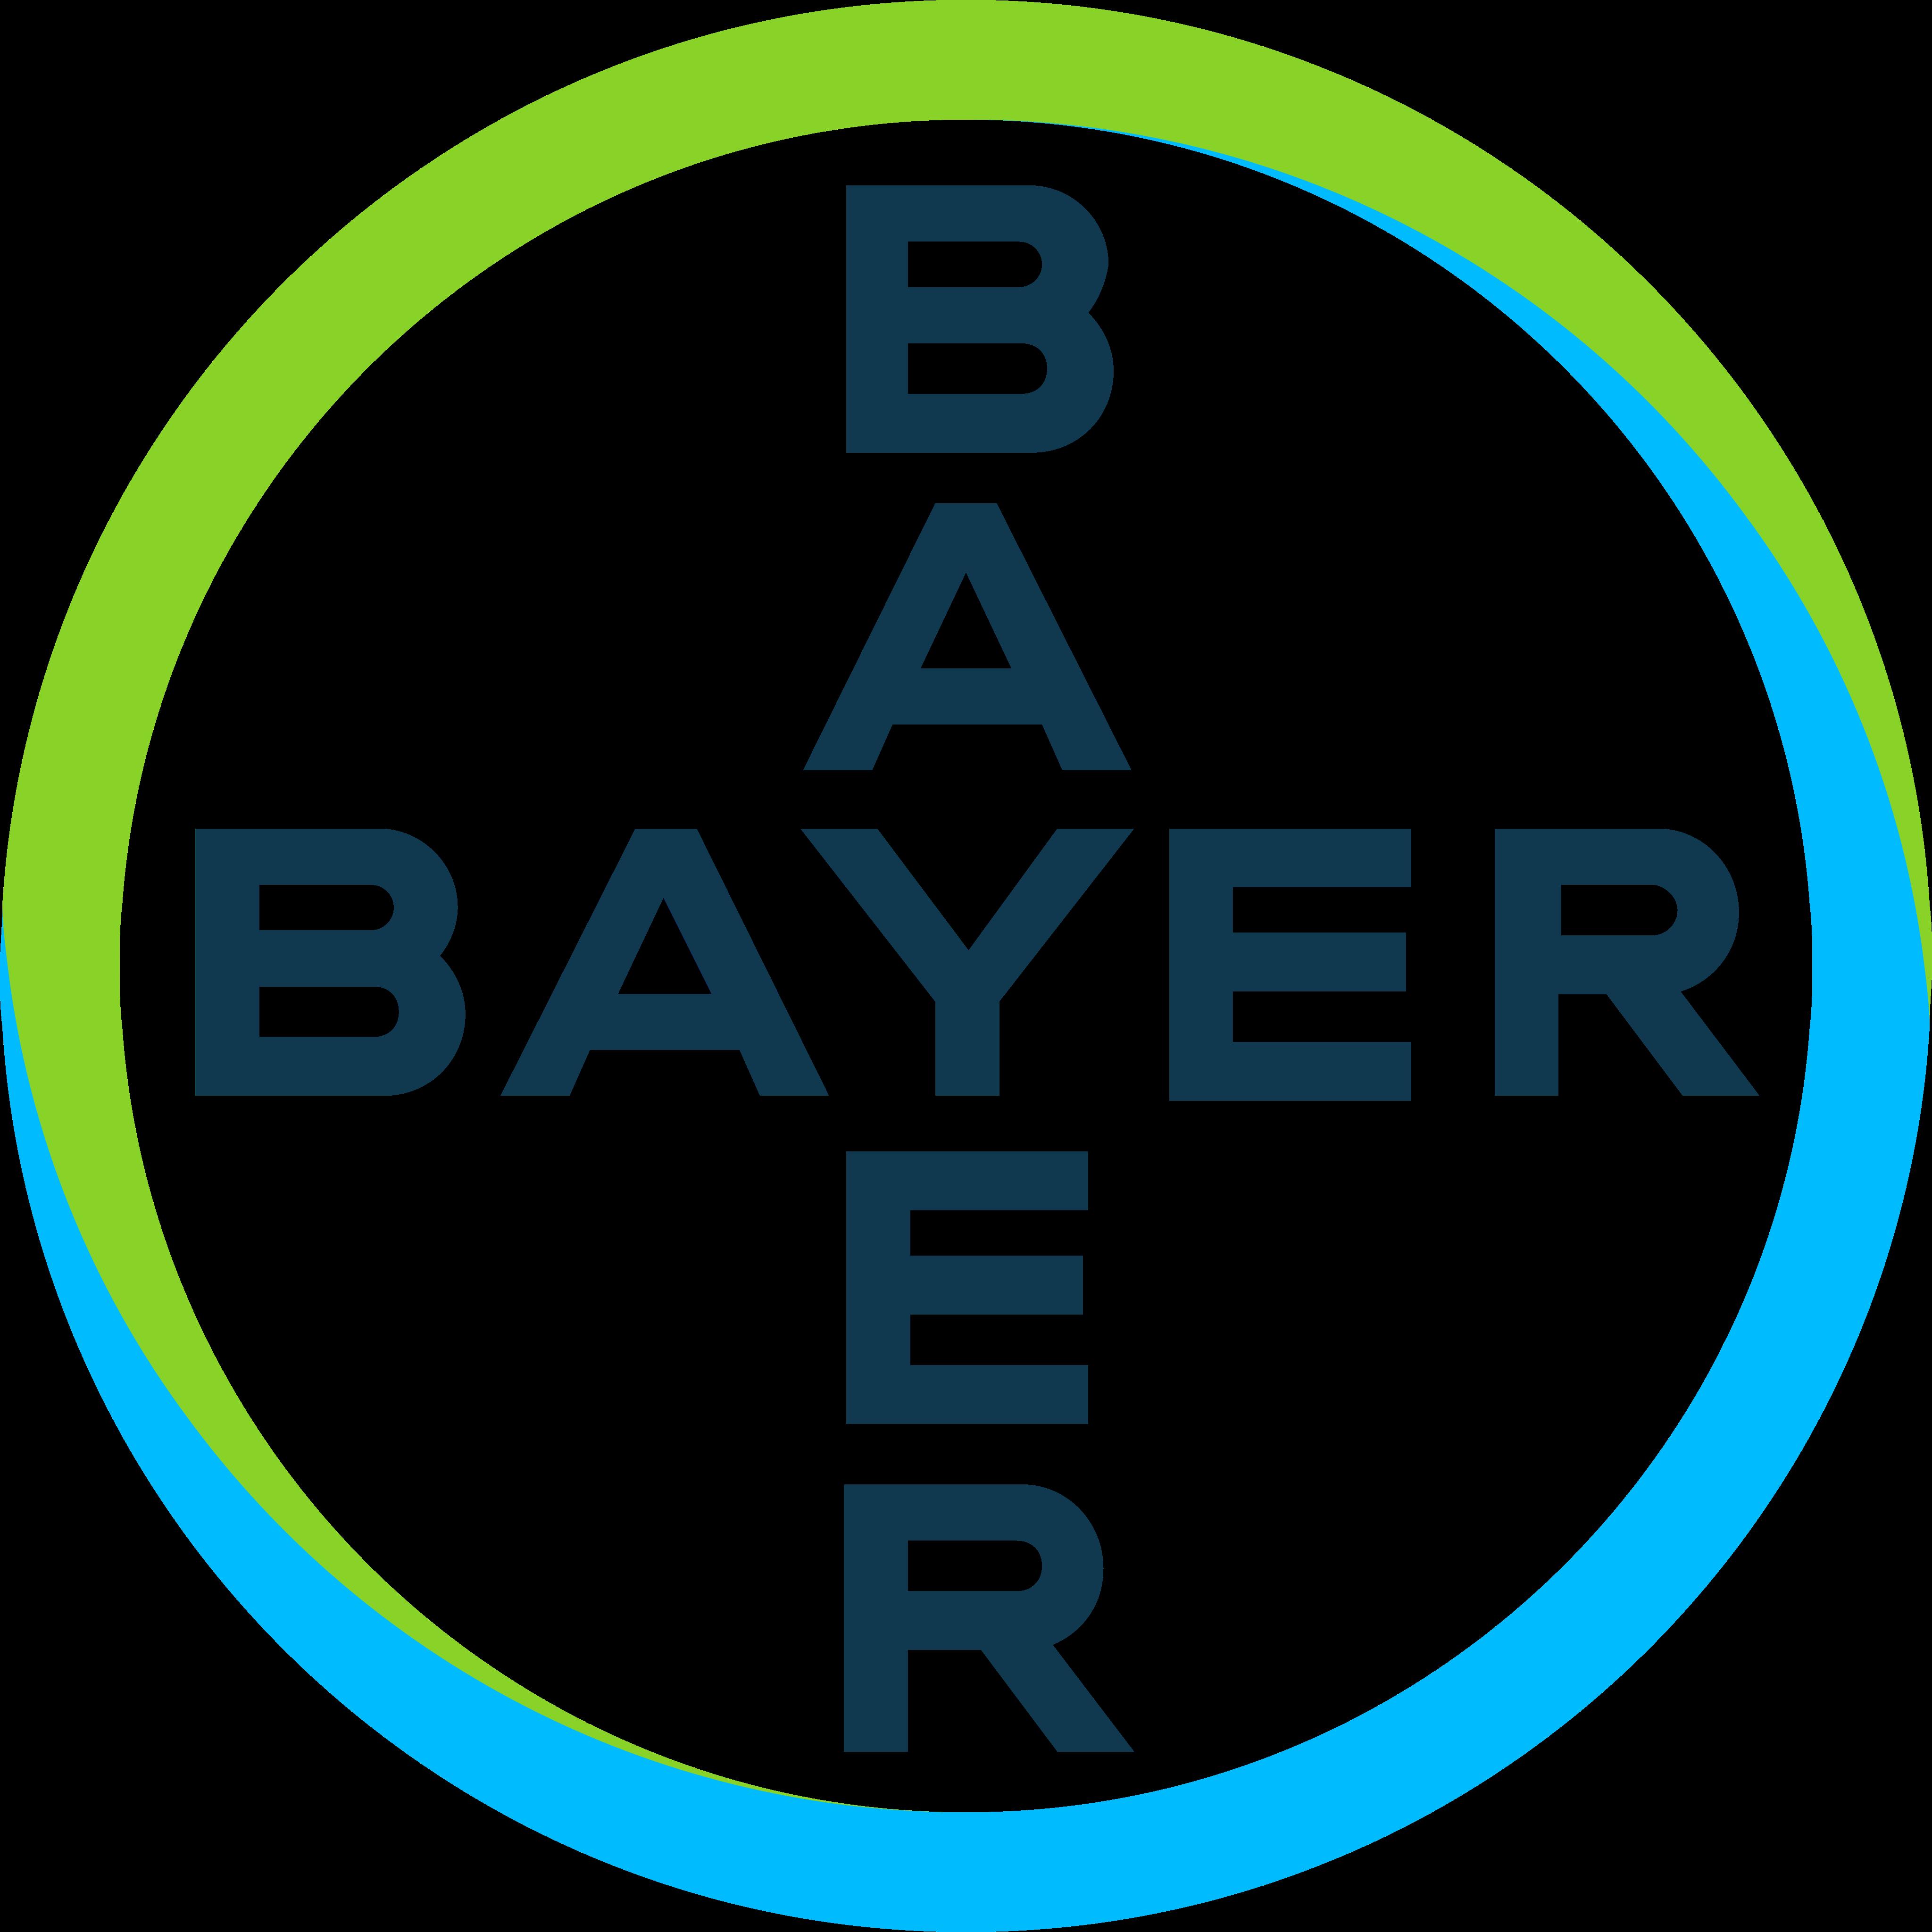 bayer logo 8 - Bayer Logo